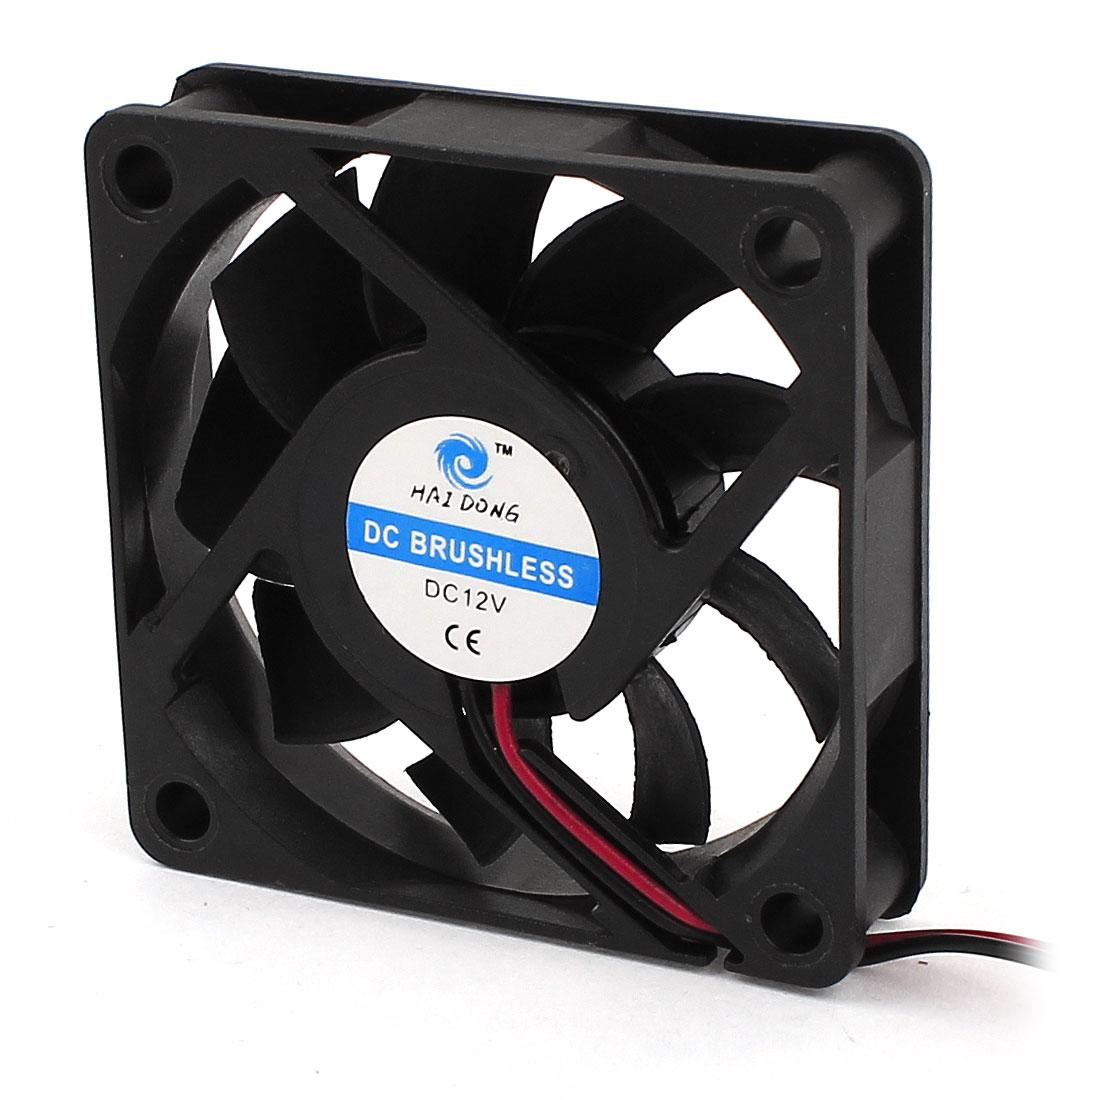 60mm x 60mm DC 12V Cooling Fan Black for Chipset CPU Cooler Radiator